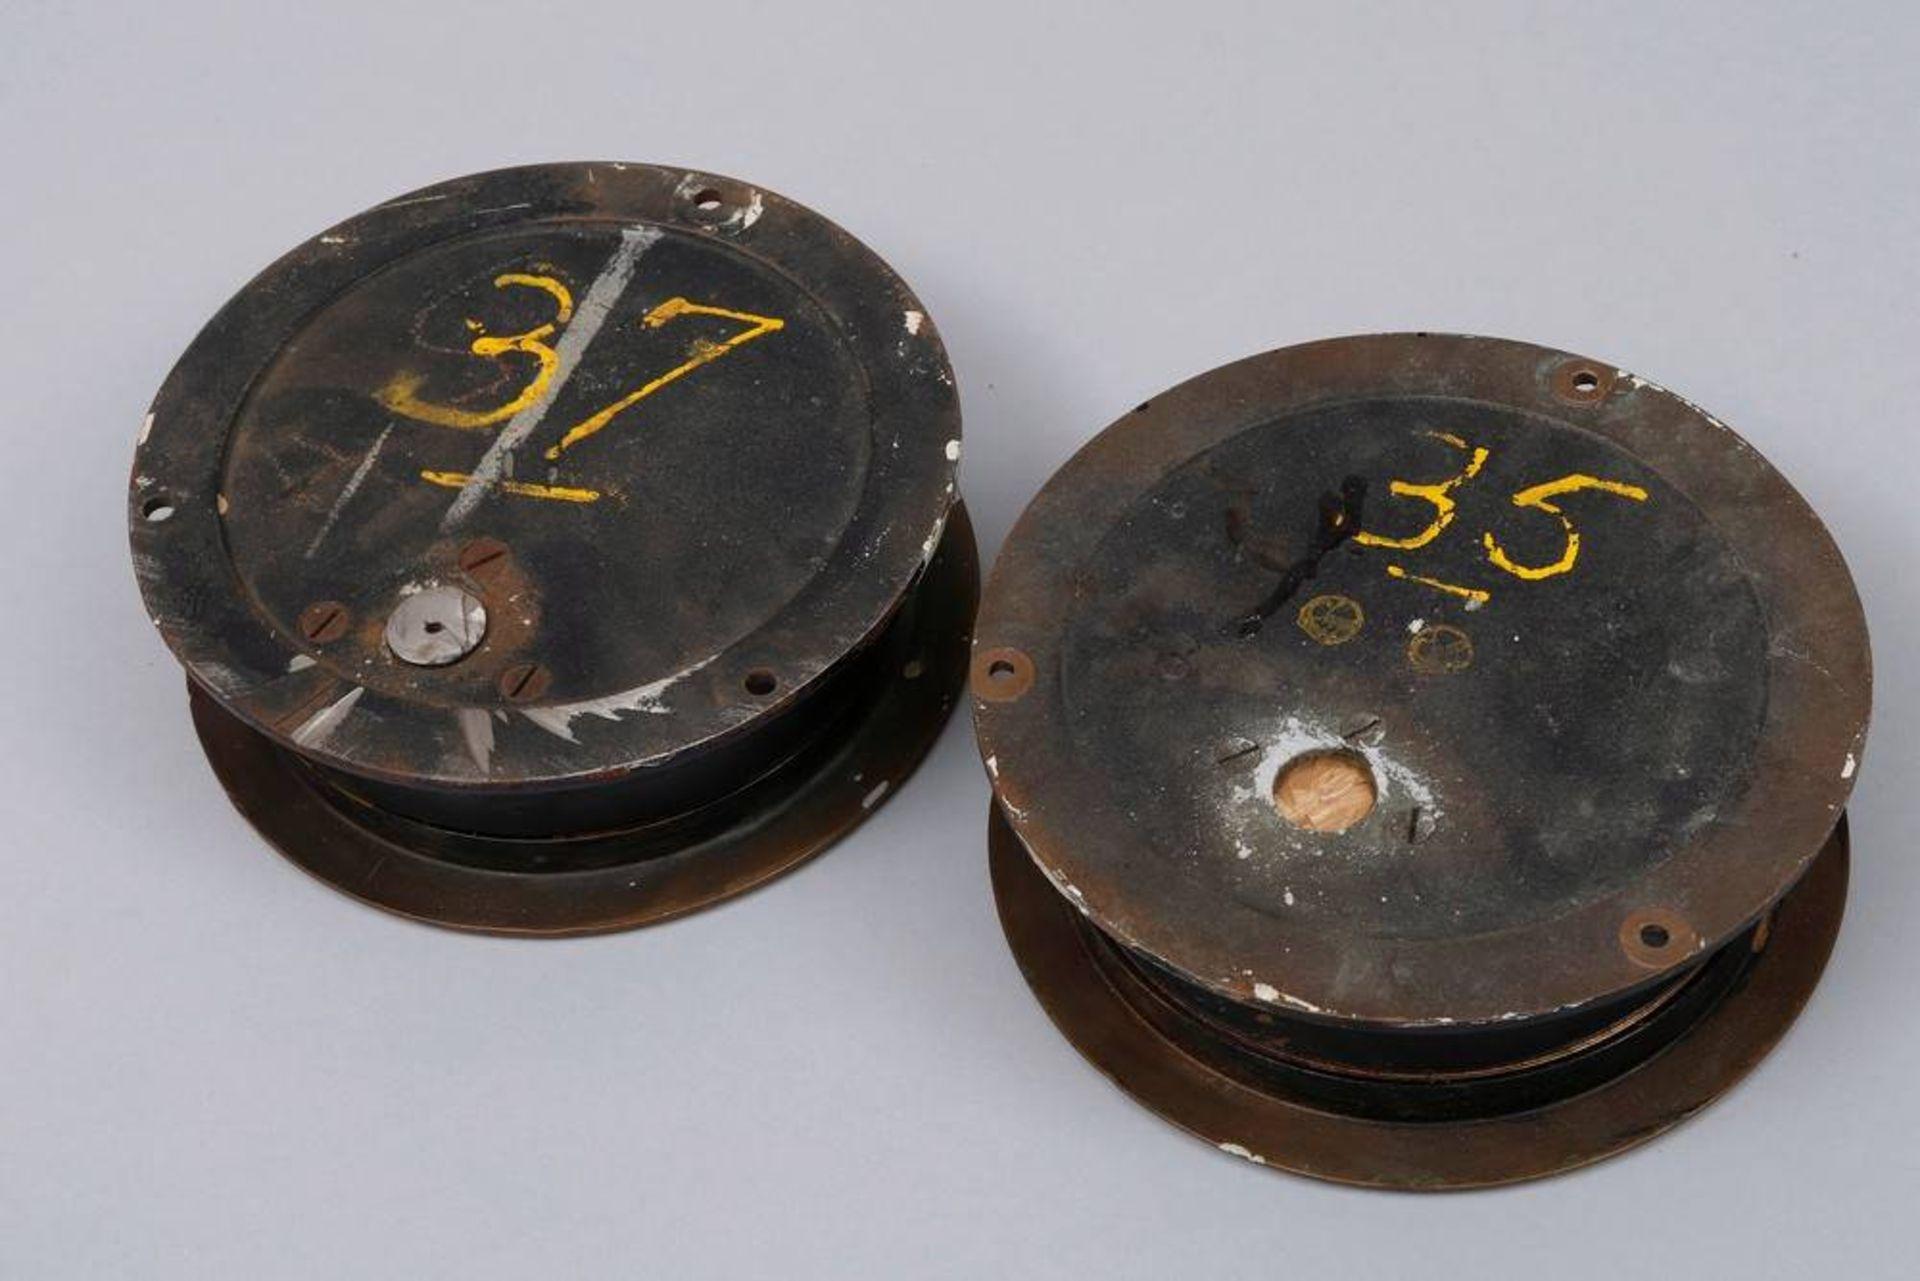 2 Schiffsinstrumente, USA, wohl 1930er/40er Jahre - Image 4 of 4